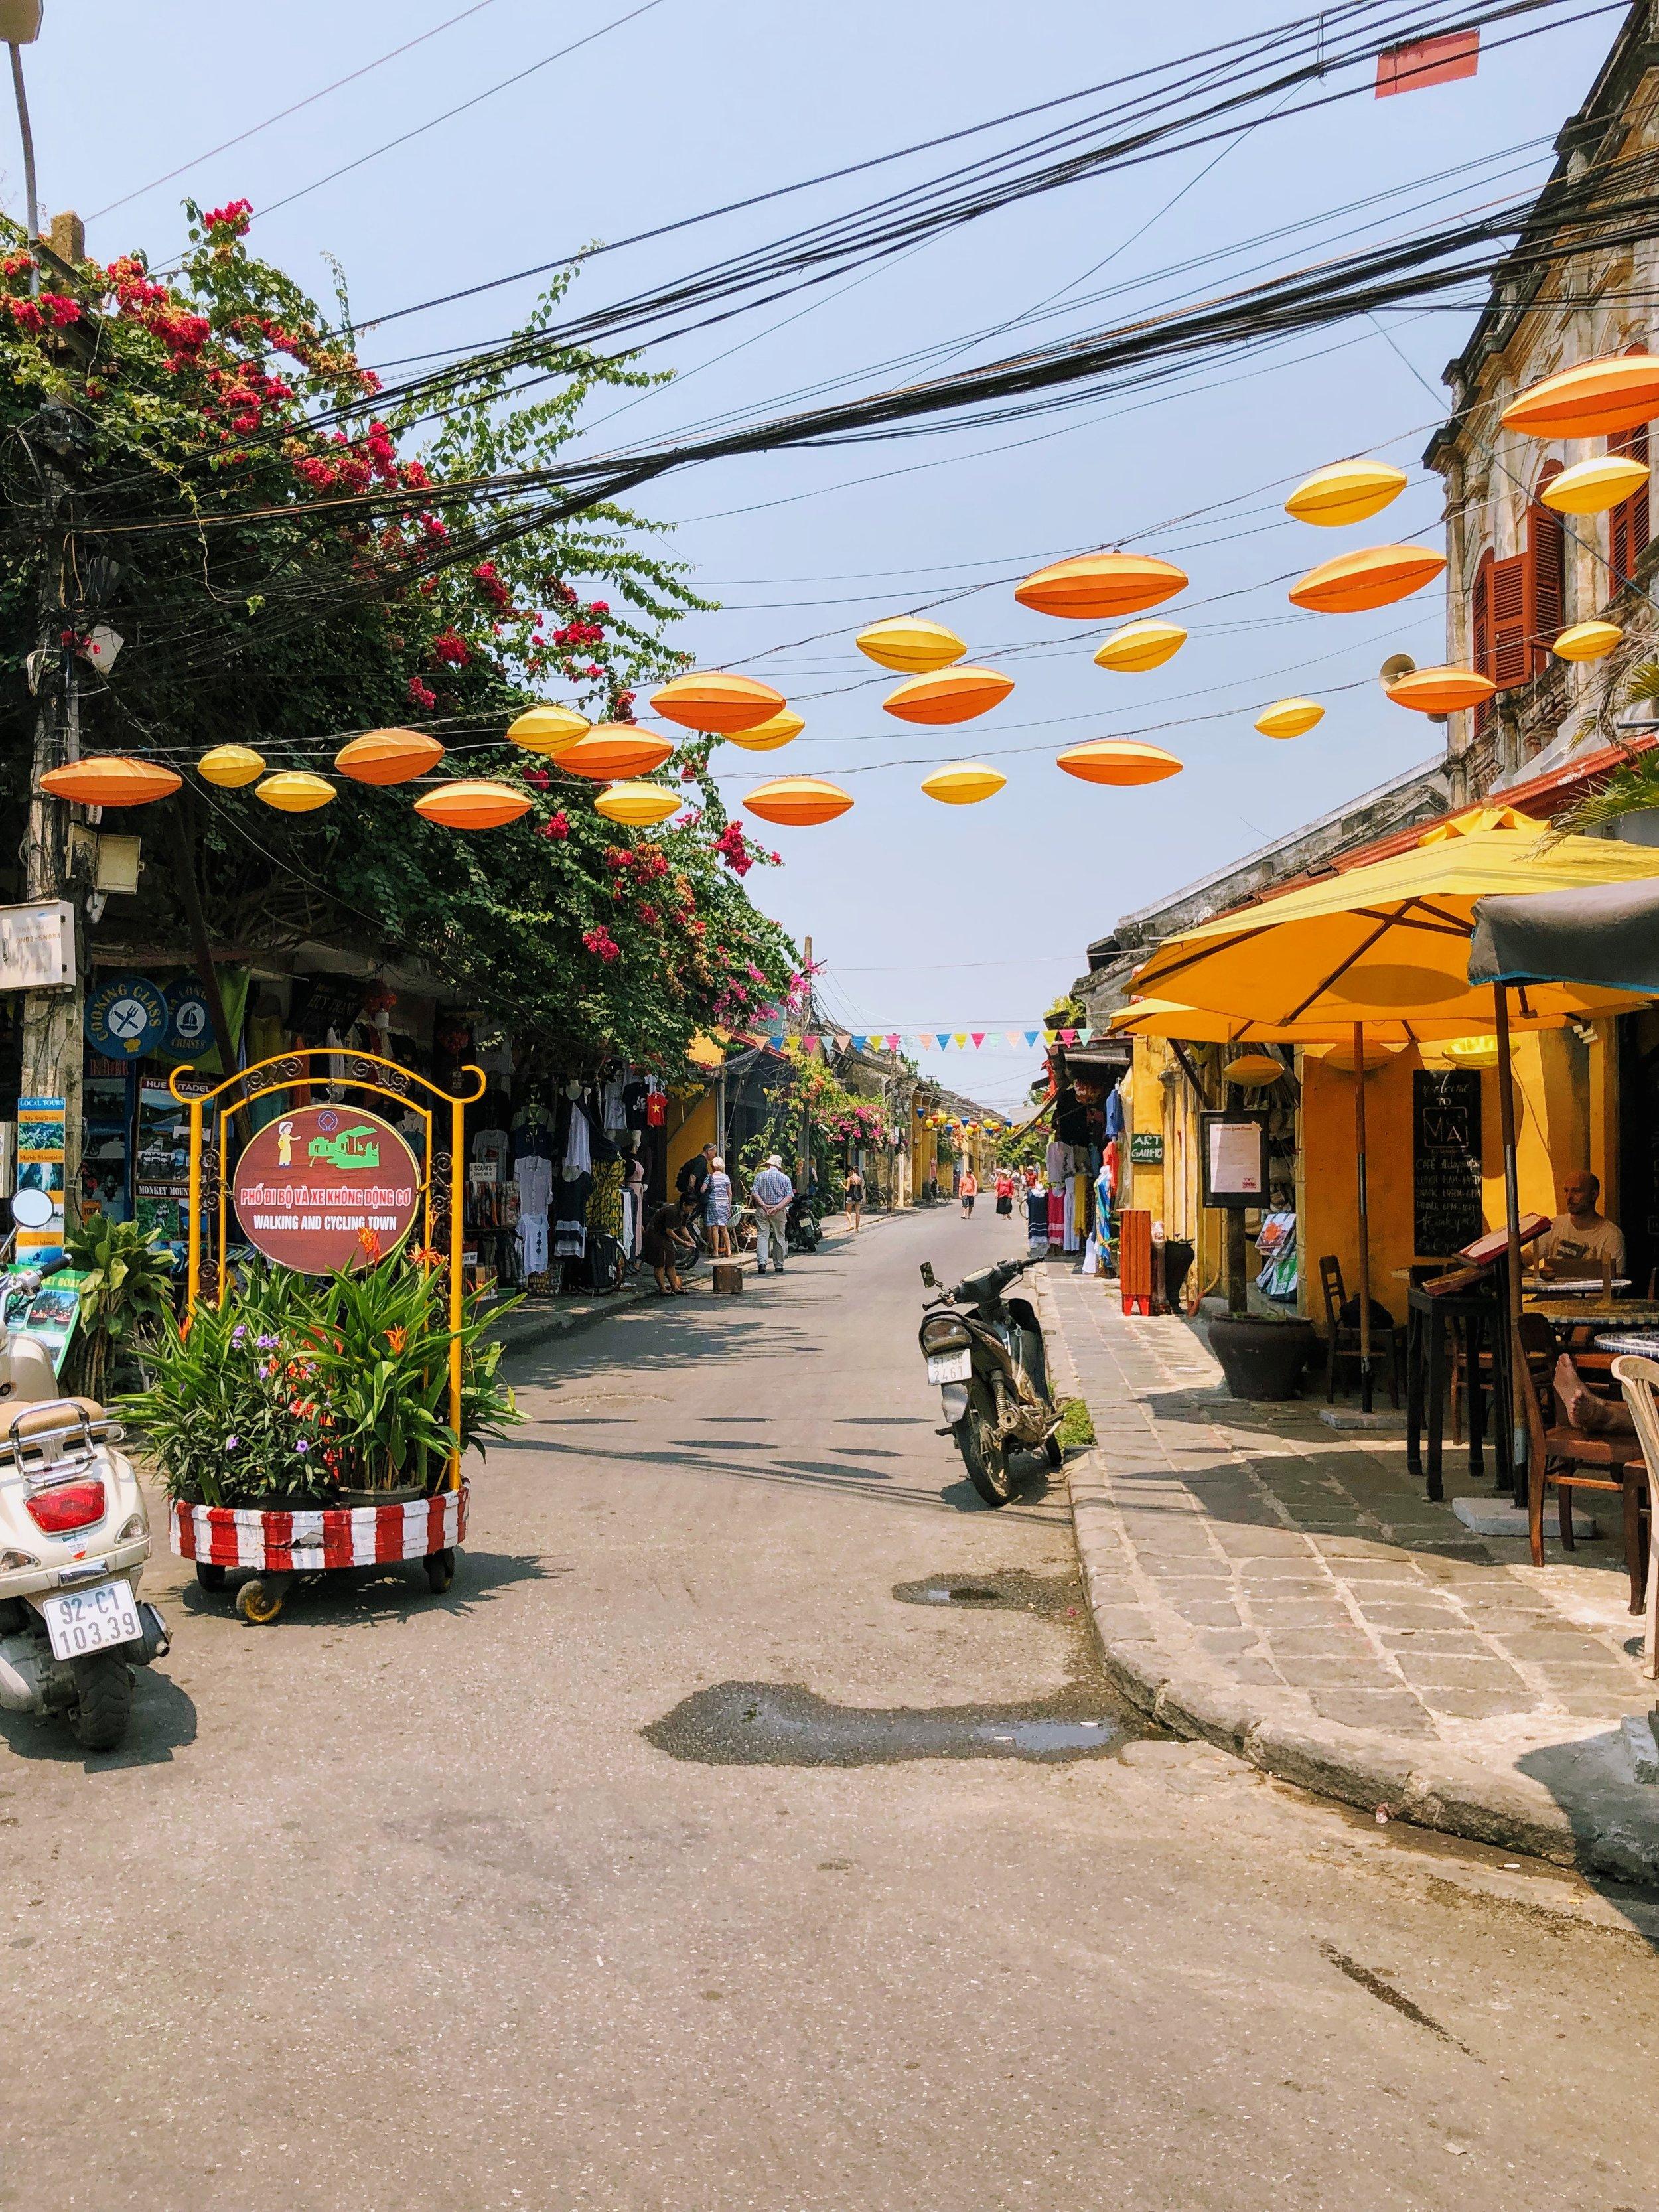 Street scene, Hoi An.